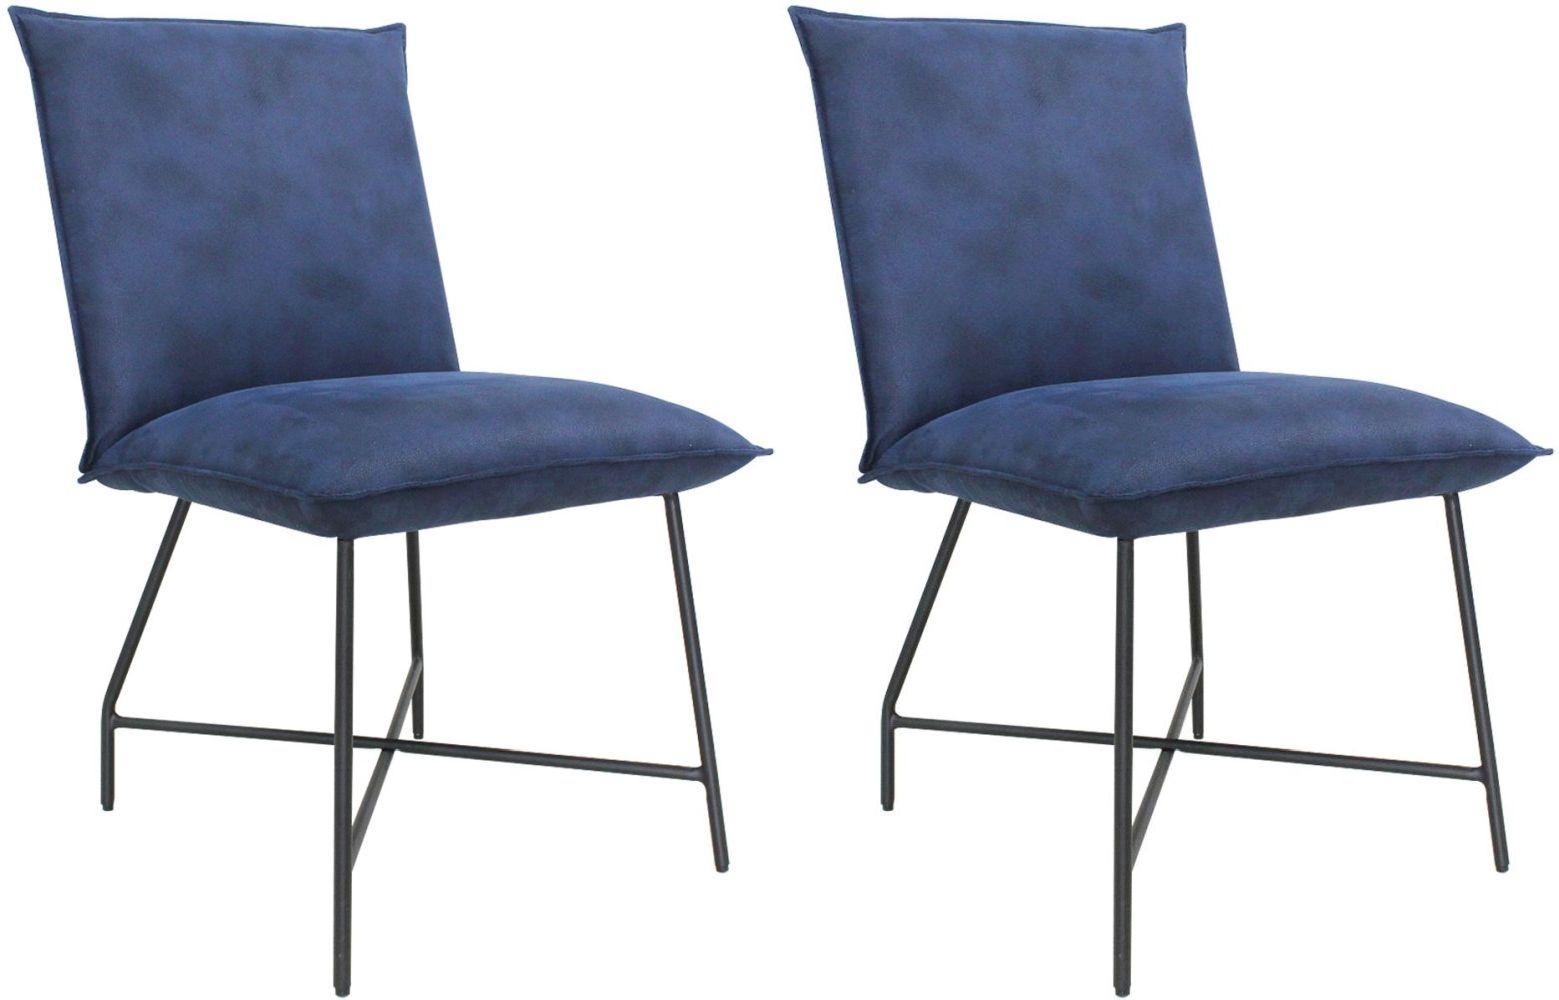 Vida Living Lukas Indigo Blue Fabric Dining Chair (Pair)